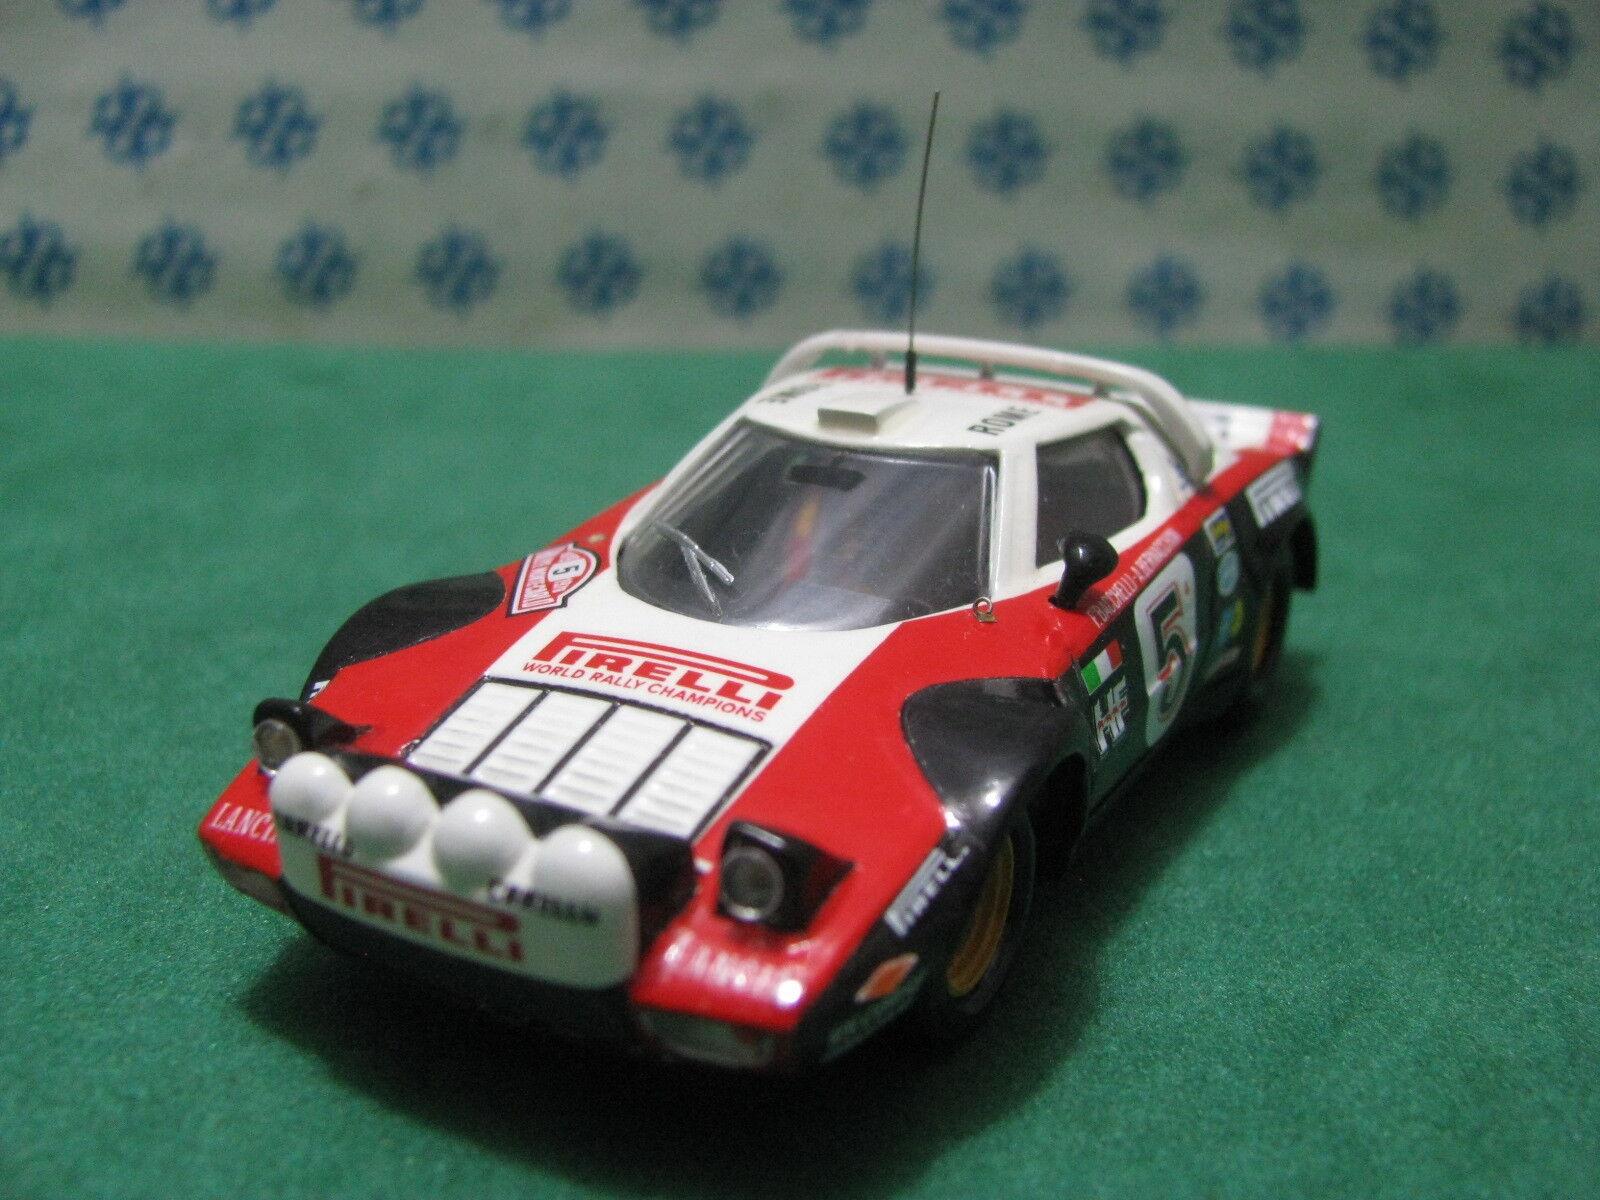 Vintage - Lancia Stratos Rallye Monte Carlo 1978 - 1 43 Elab. Base Solid